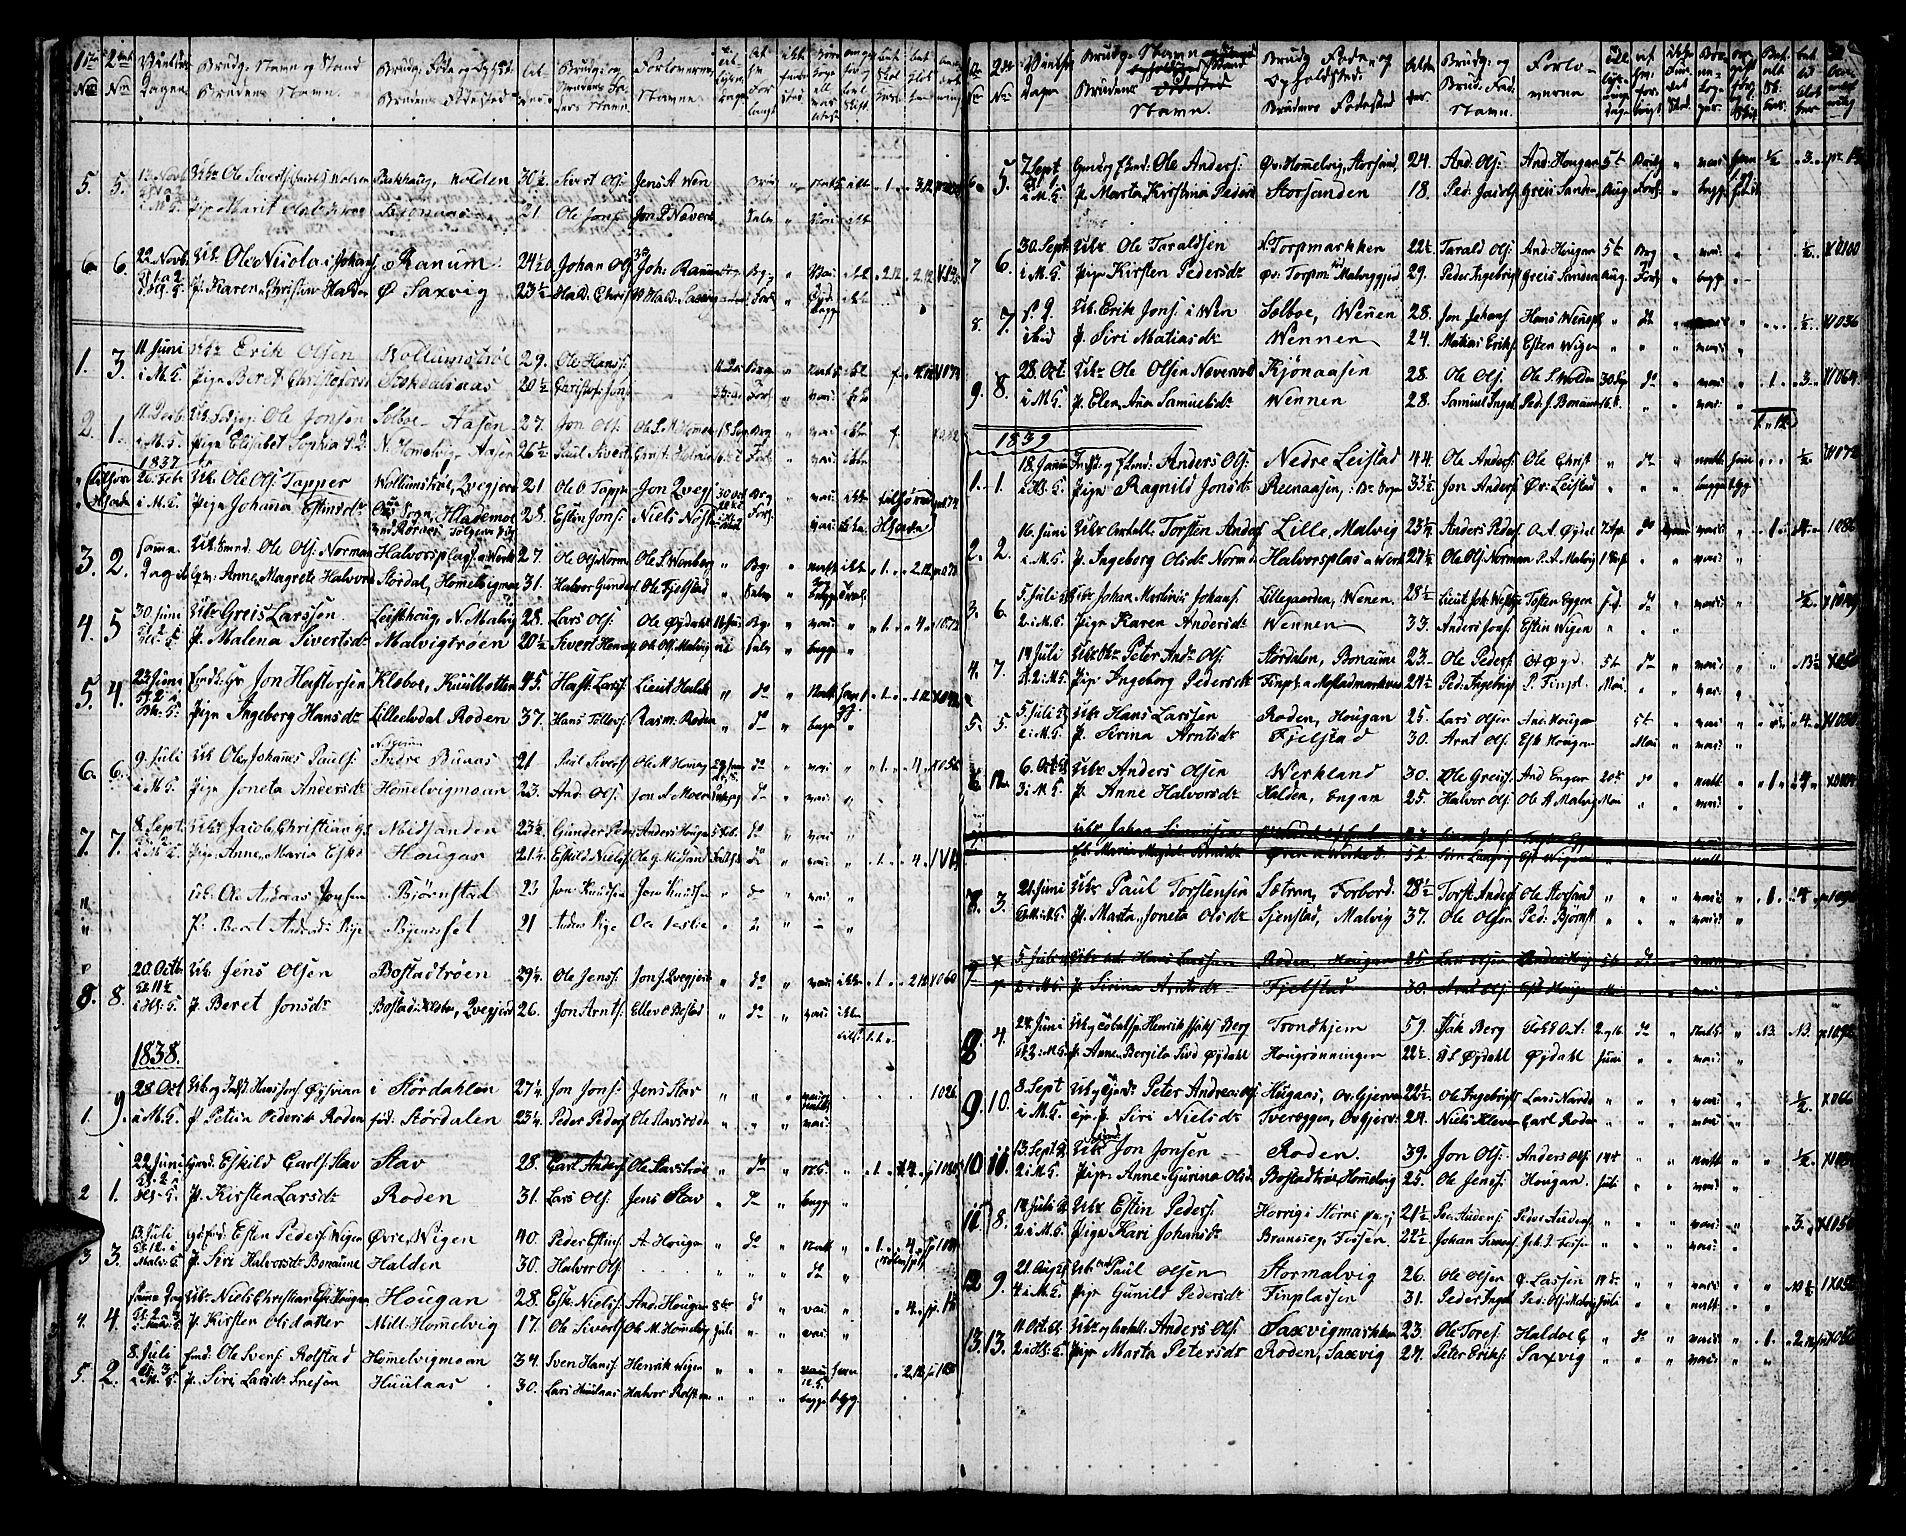 SAT, Ministerialprotokoller, klokkerbøker og fødselsregistre - Sør-Trøndelag, 616/L0421: Klokkerbok nr. 616C04, 1834-1850, s. 30